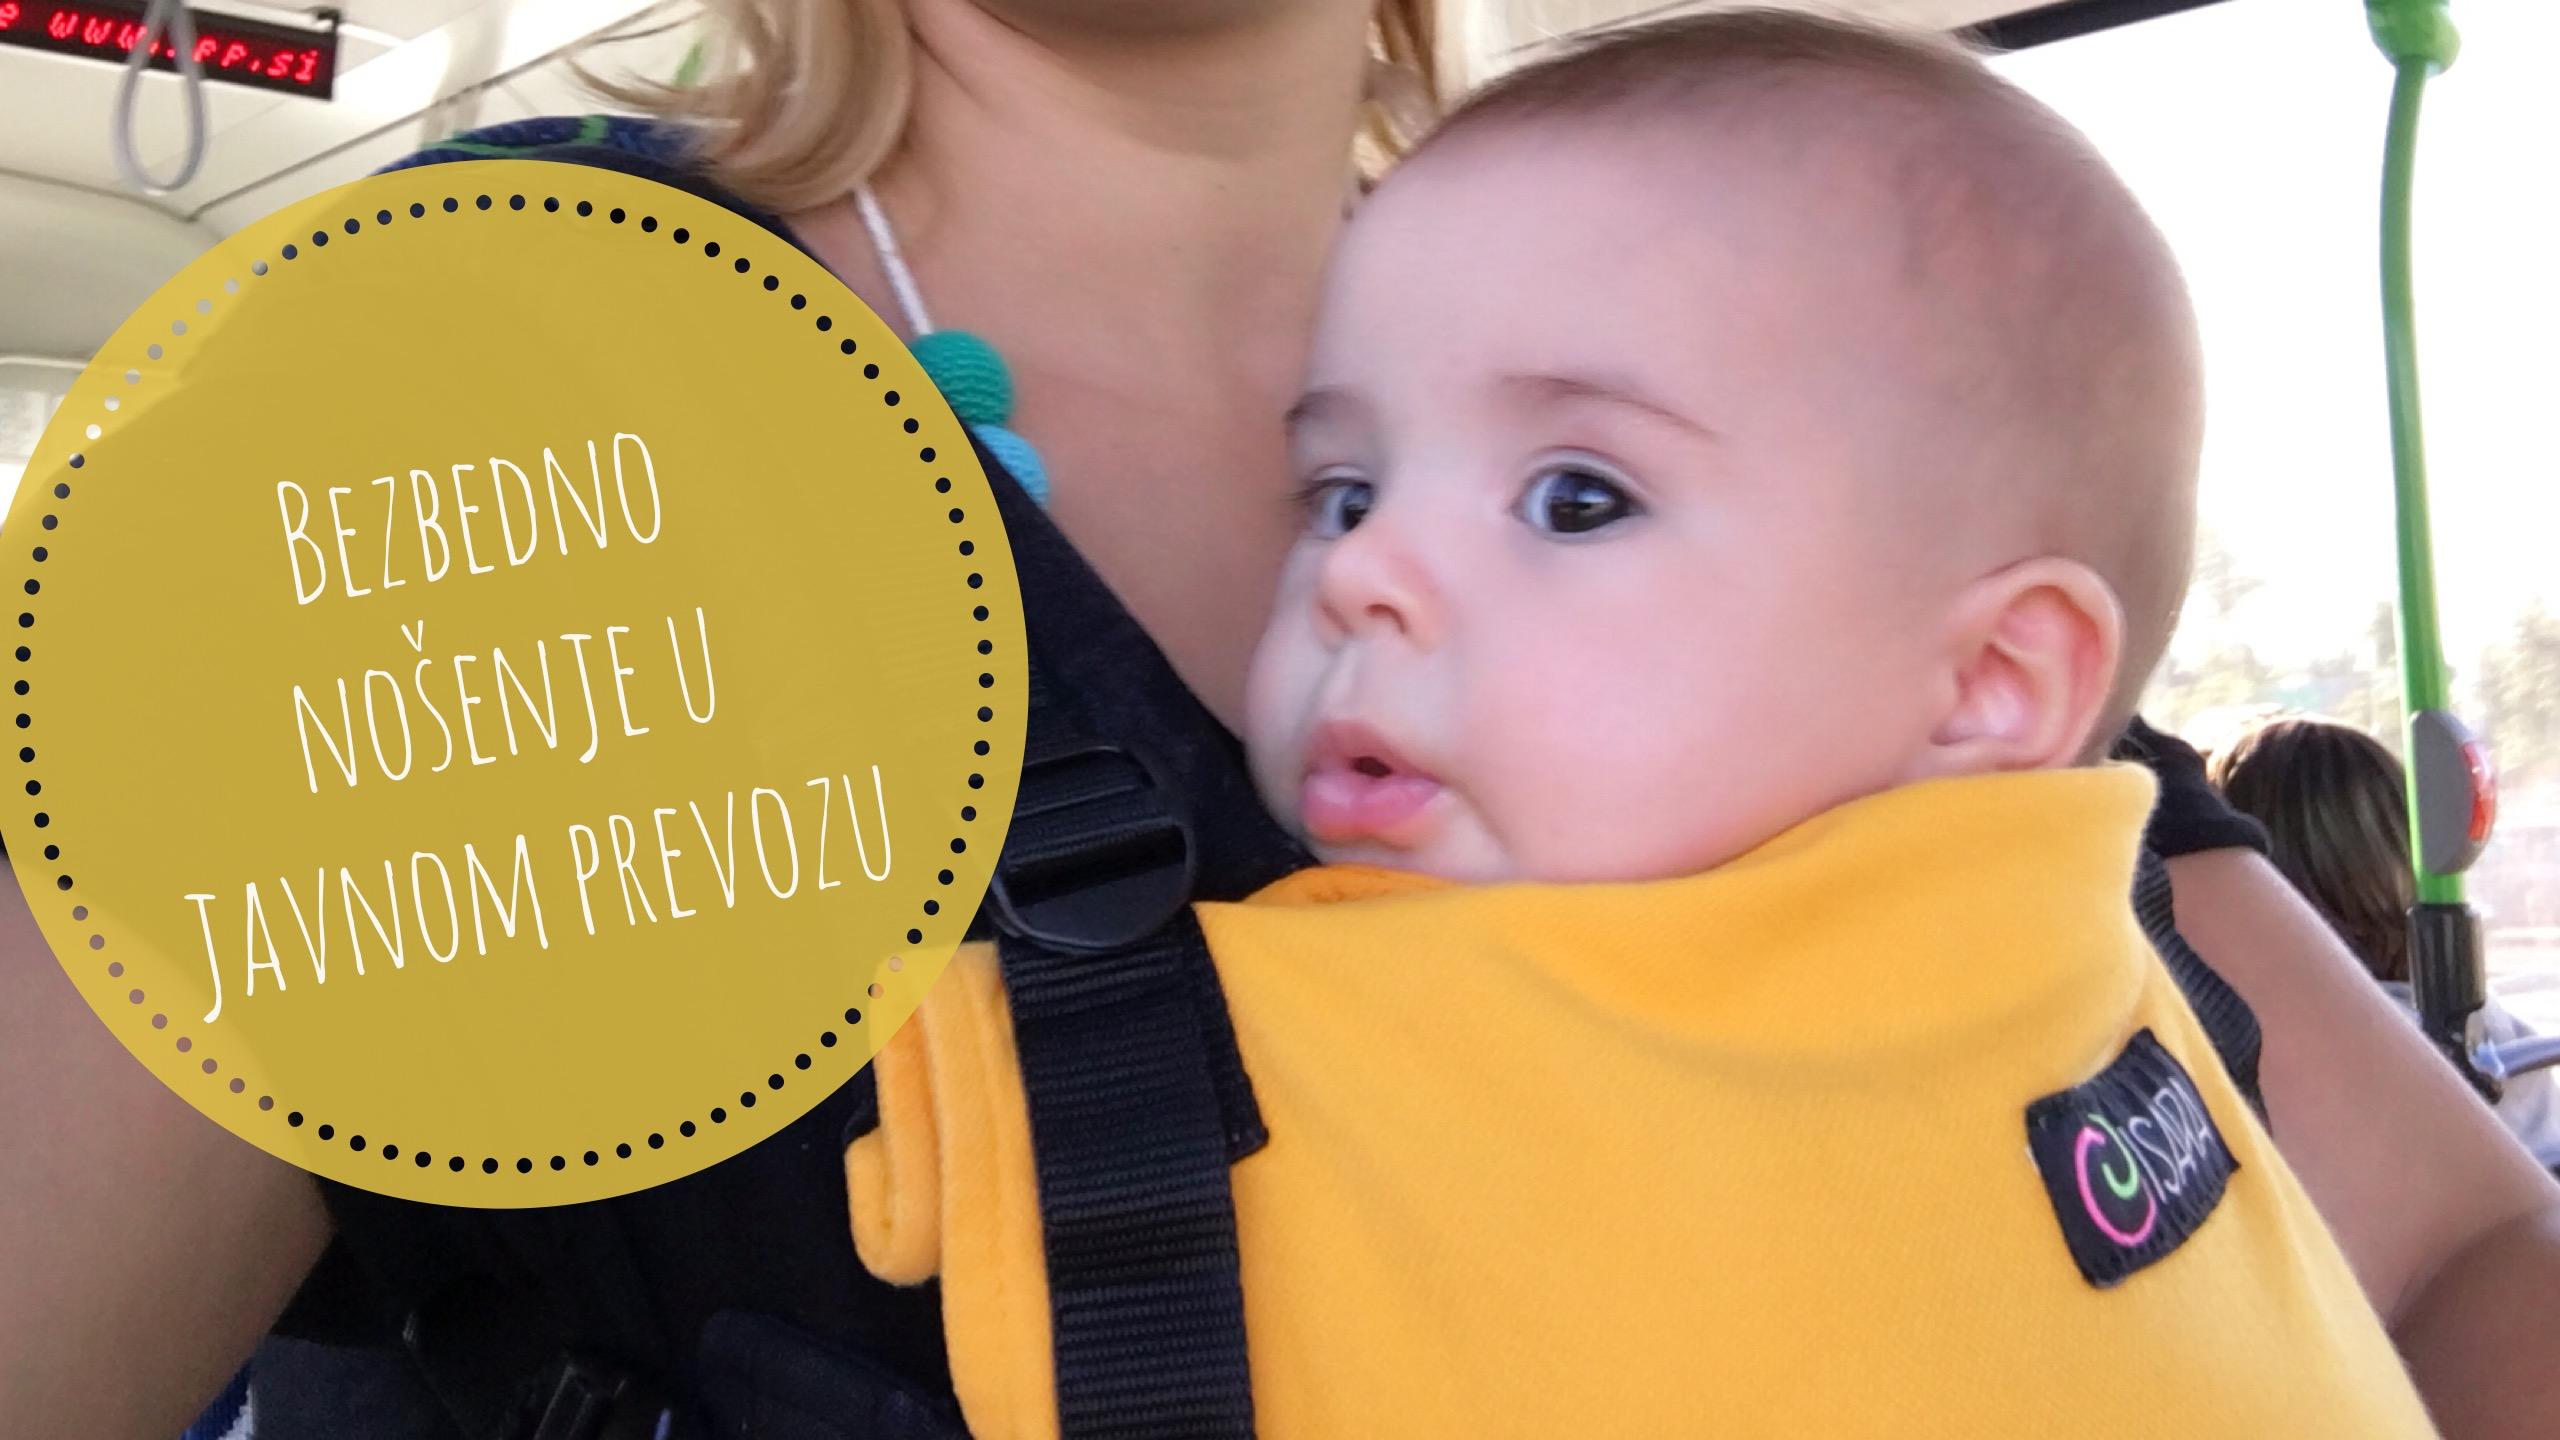 Nosenje beba u javnom prevozu nosiljke u autobusu